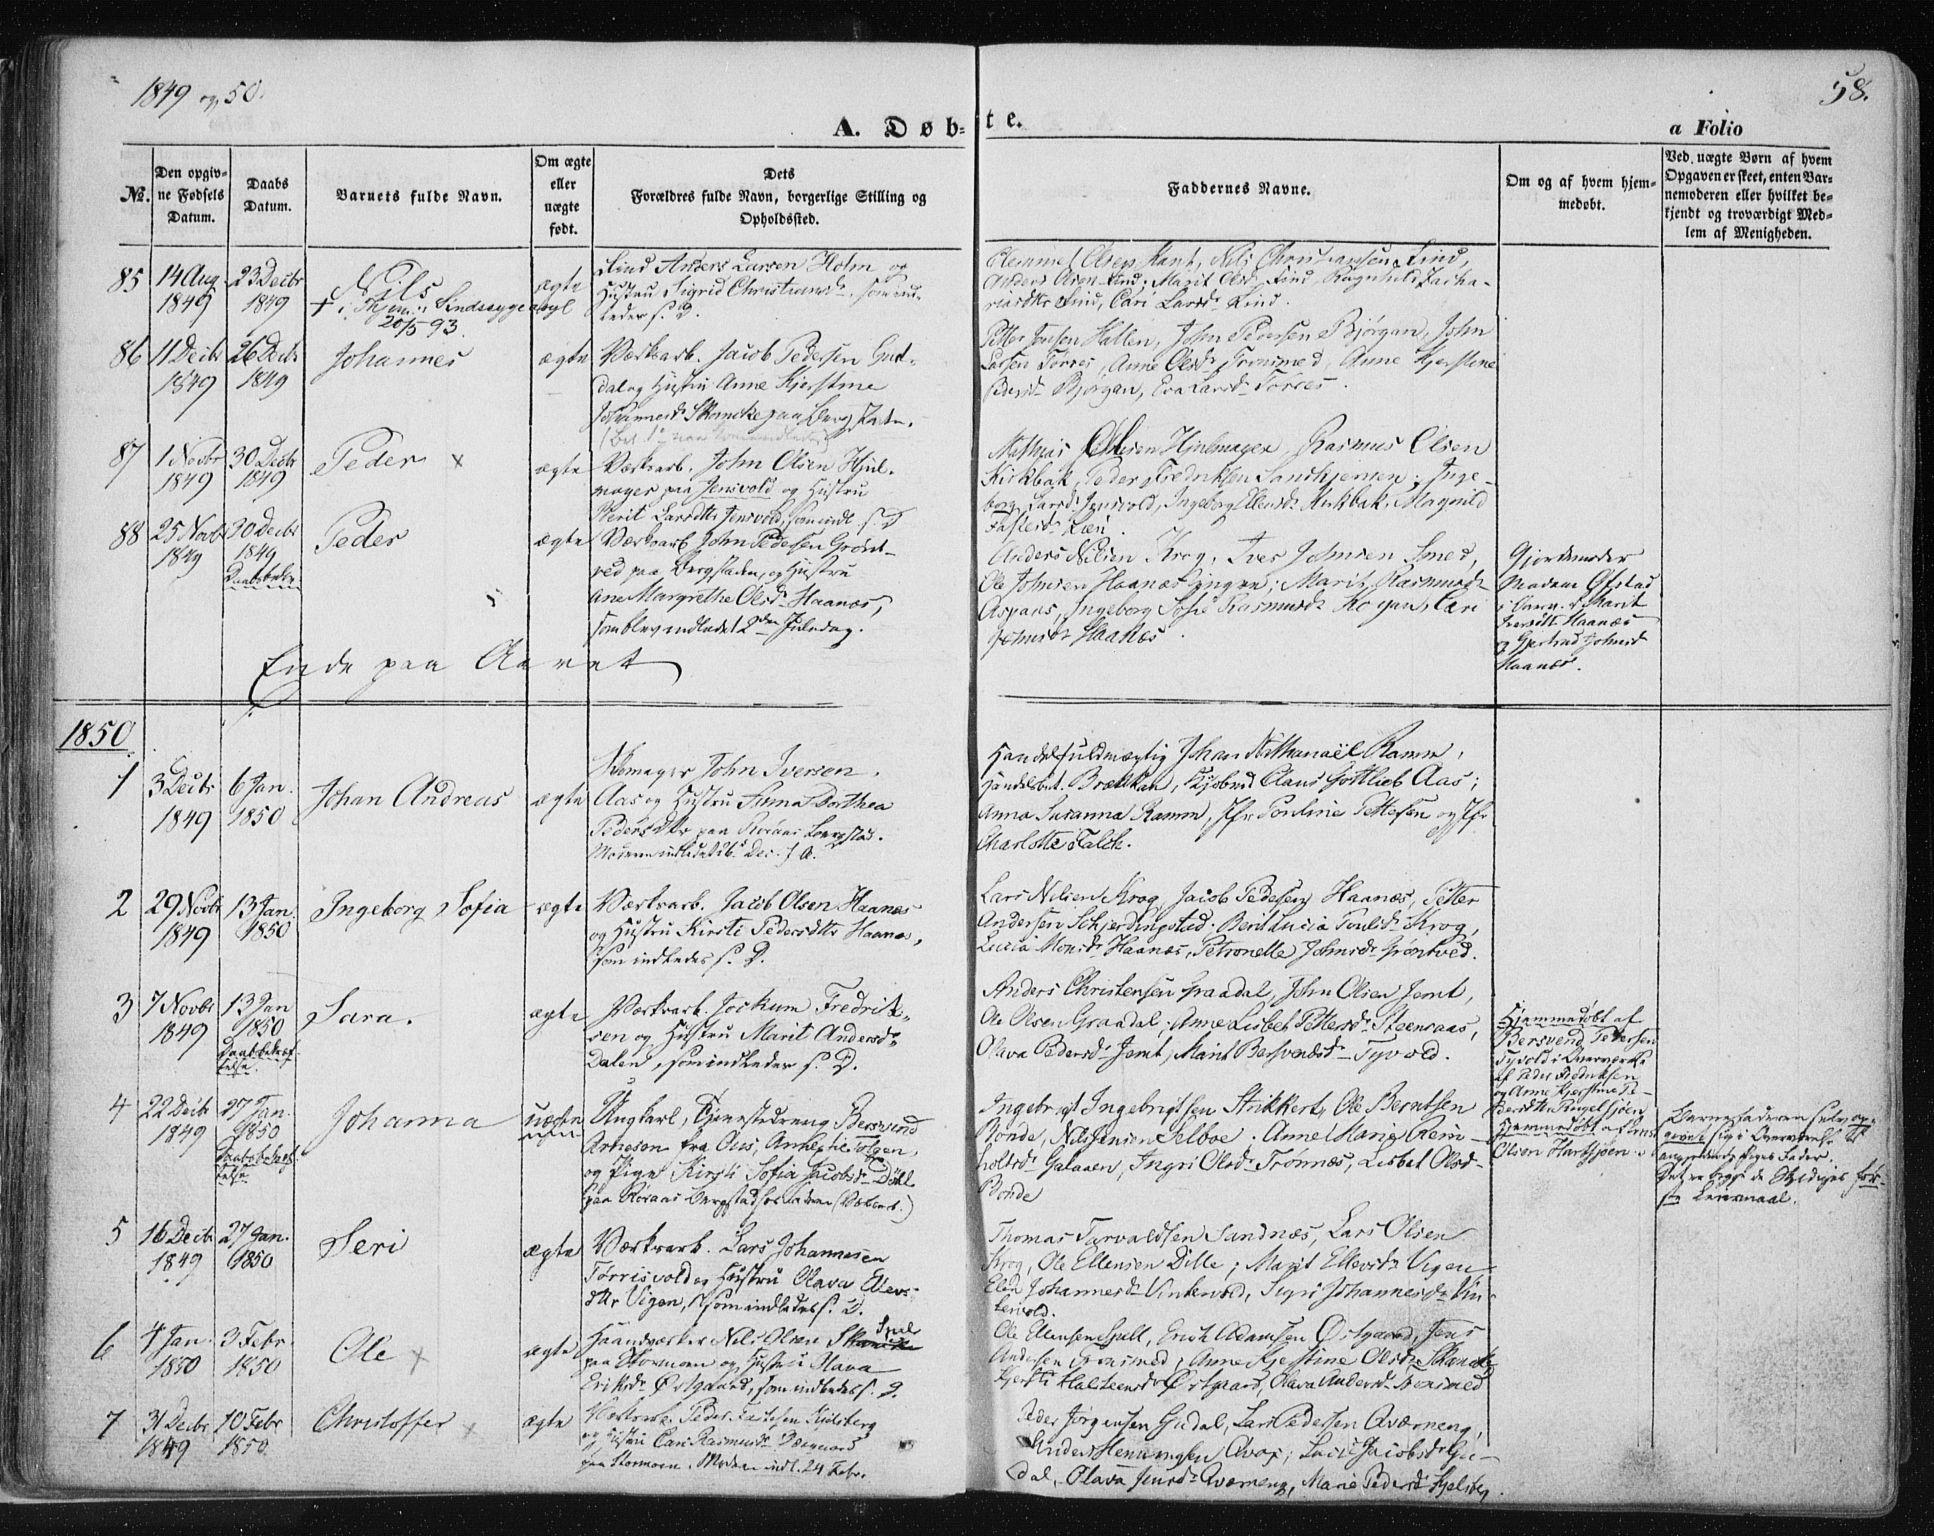 SAT, Ministerialprotokoller, klokkerbøker og fødselsregistre - Sør-Trøndelag, 681/L0931: Ministerialbok nr. 681A09, 1845-1859, s. 58